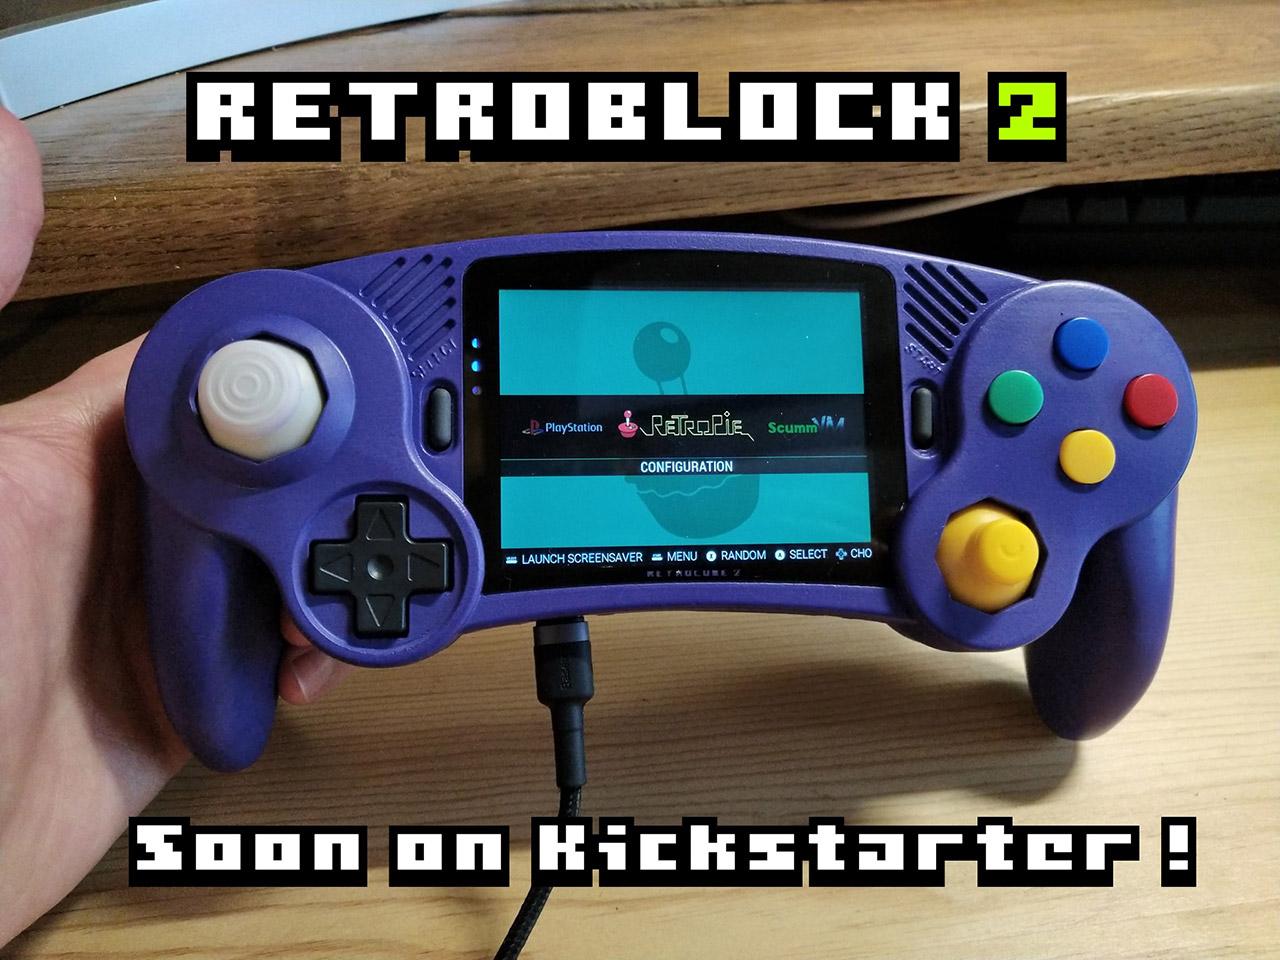 GameCube Handheld Console RetroBlock2